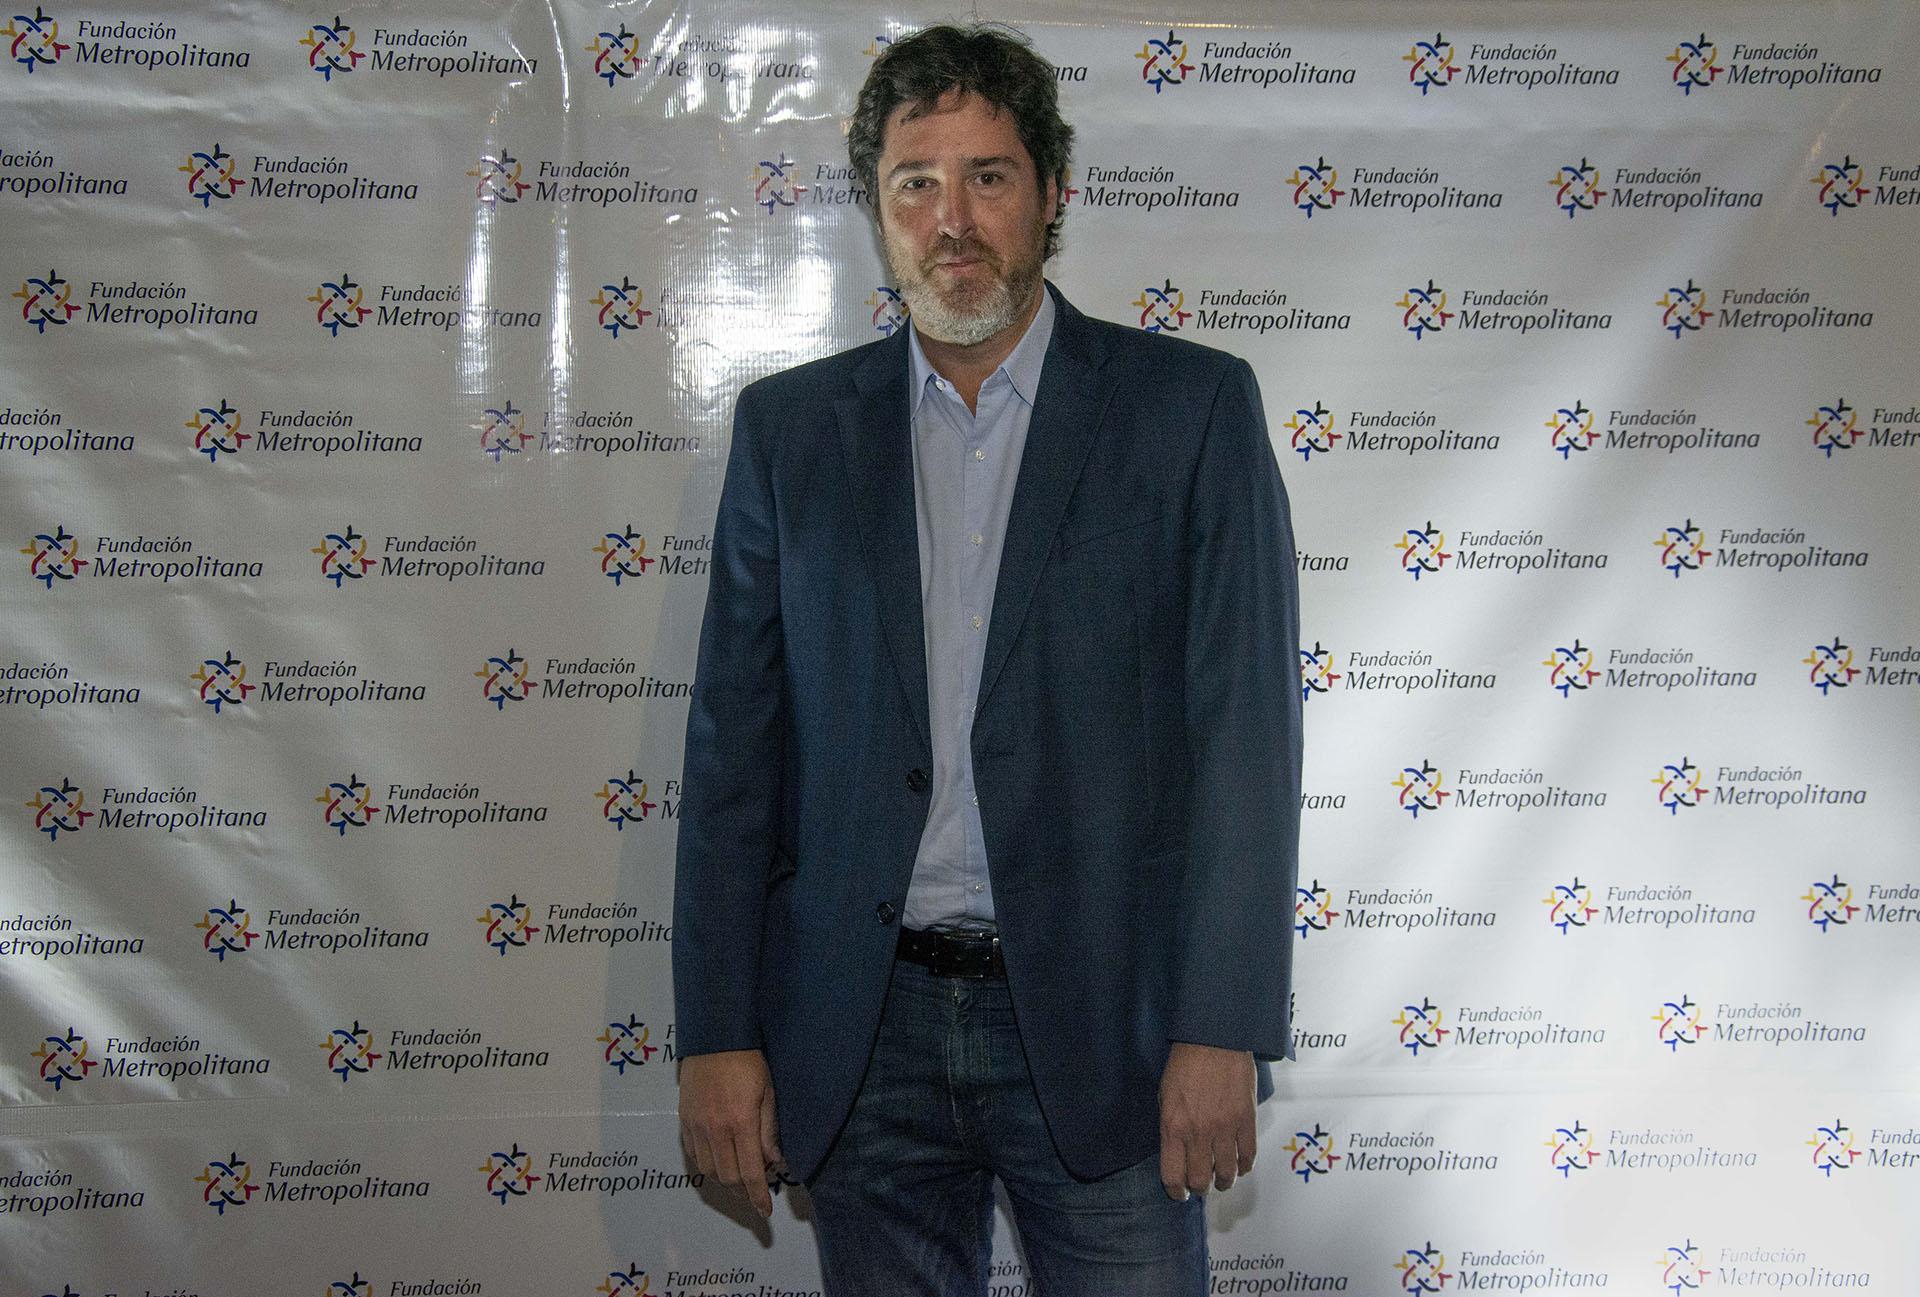 Matías Barroetaveña, director del Centro de Estudios Metropolitanos (CEM) y ex secretario de Empleo